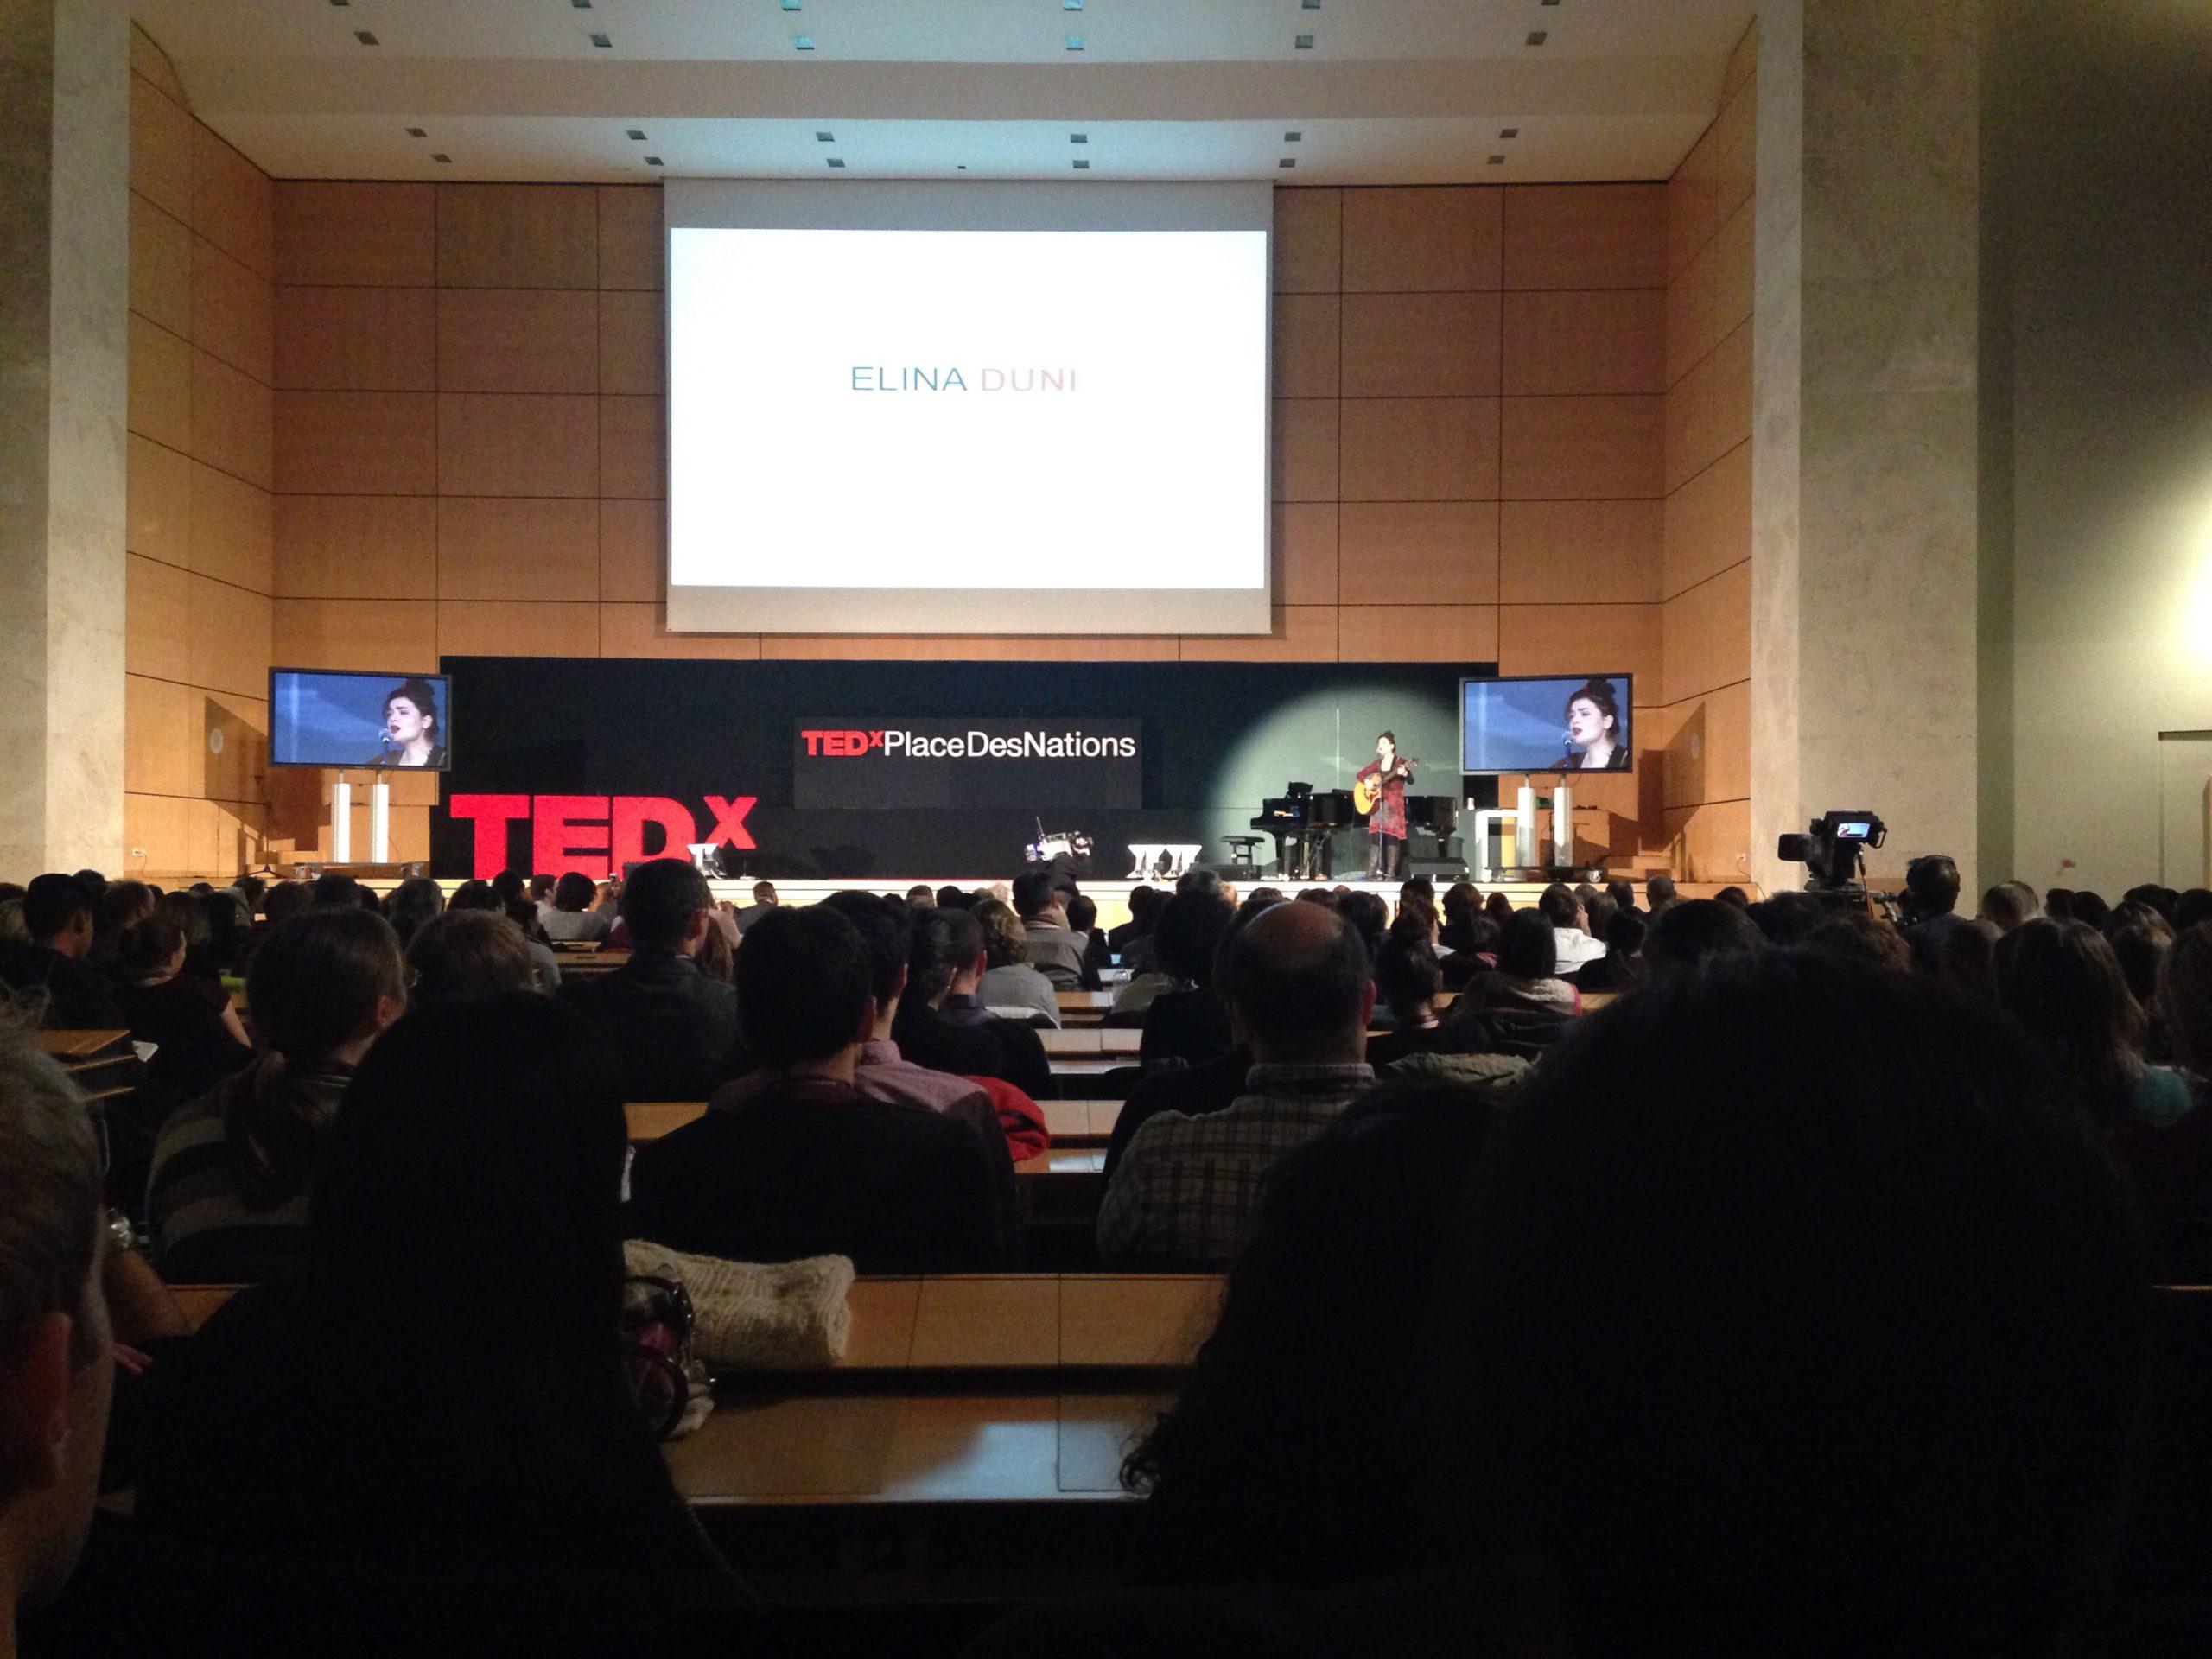 Jehona Shqipëtare edhe në TedxPlaceDesNations